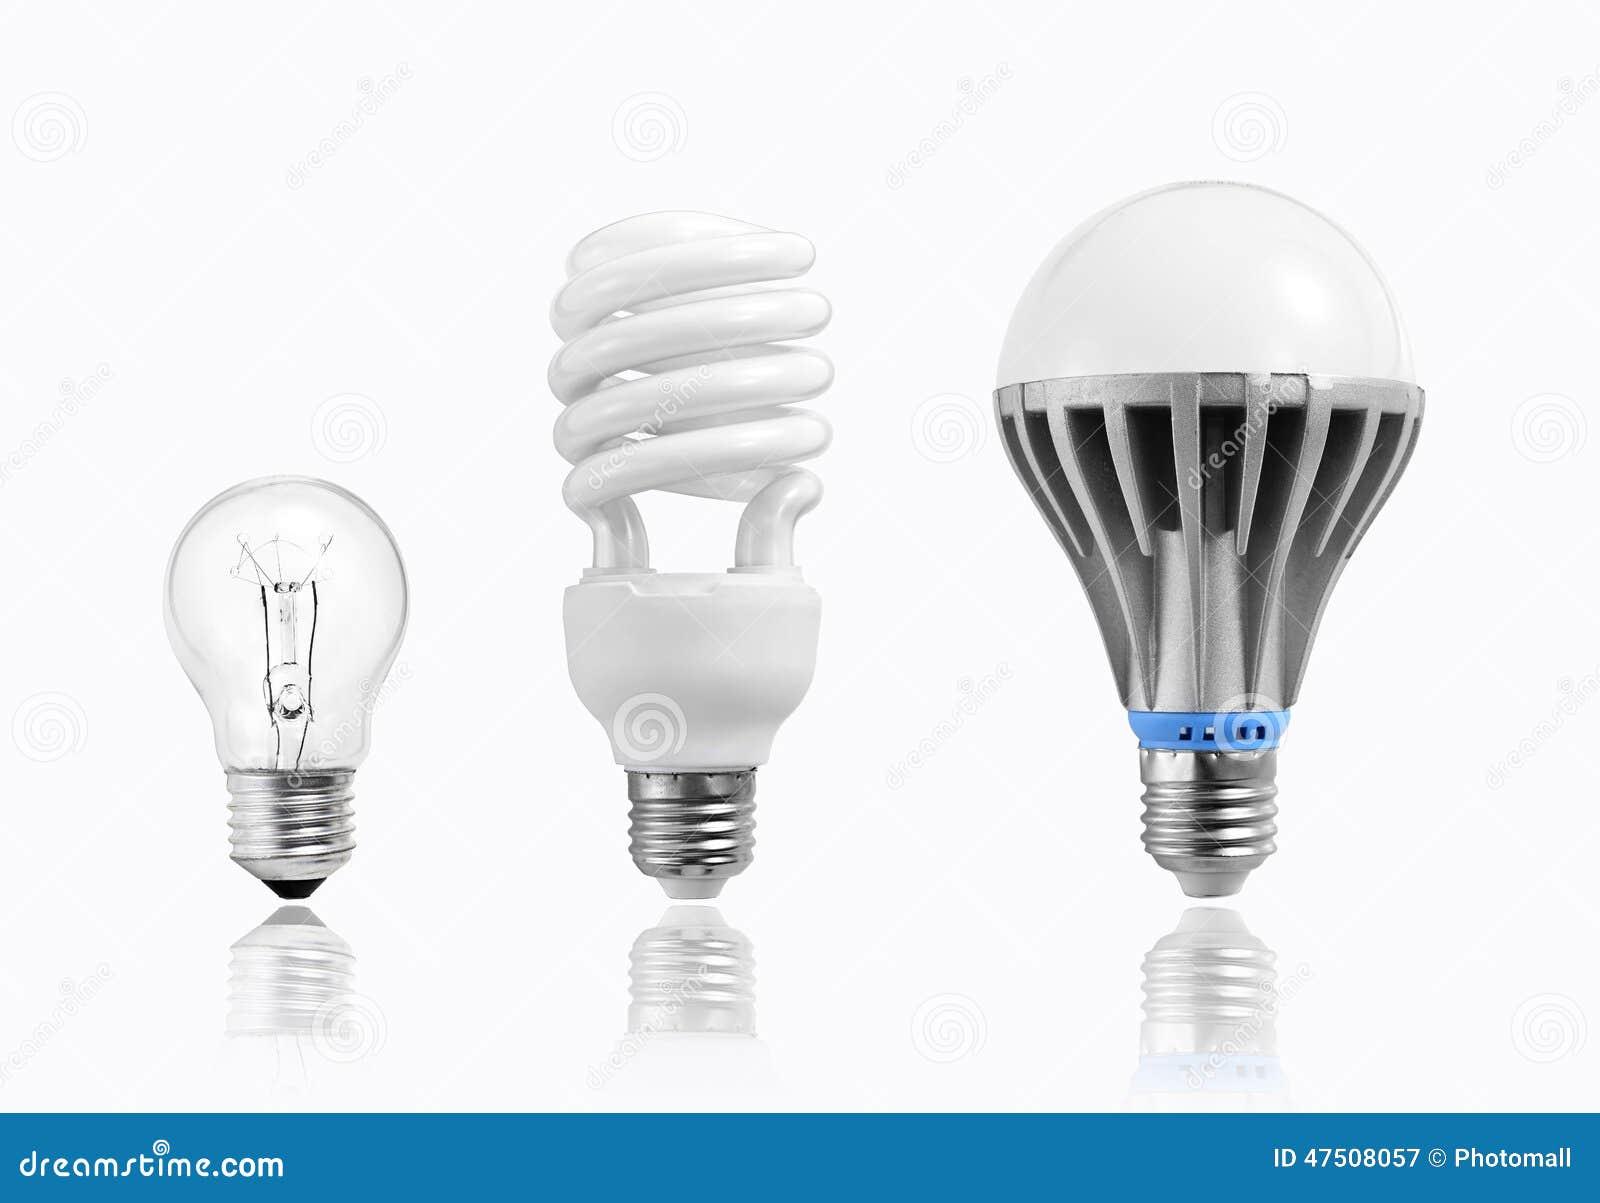 DOWODZONA żarówka, wolfram żarówka, płonąca żarówka, fluorescencyjna lampa, ewolucja, Energooszczędny, oświetlenie i ochrona środ